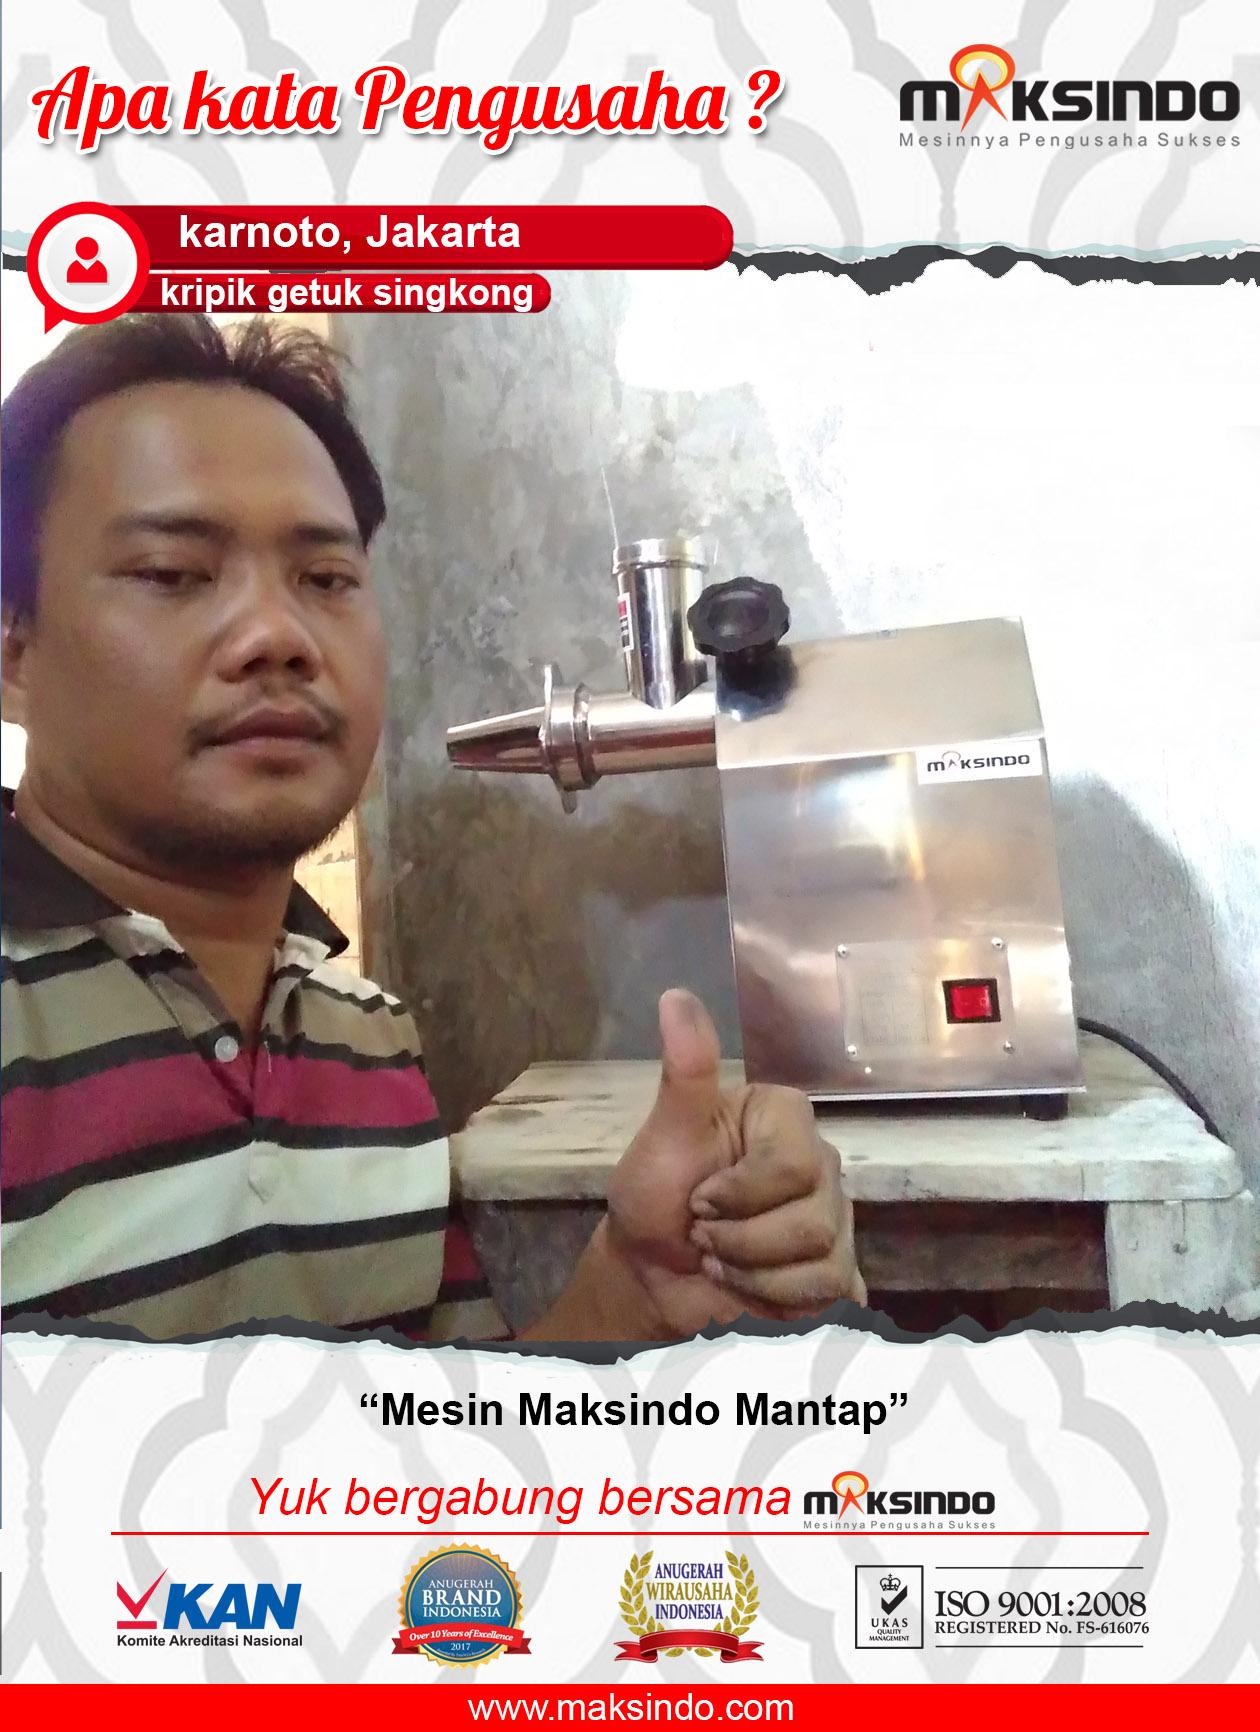 Kripik Getuk Singkong : Mesin Maksindo Mantap